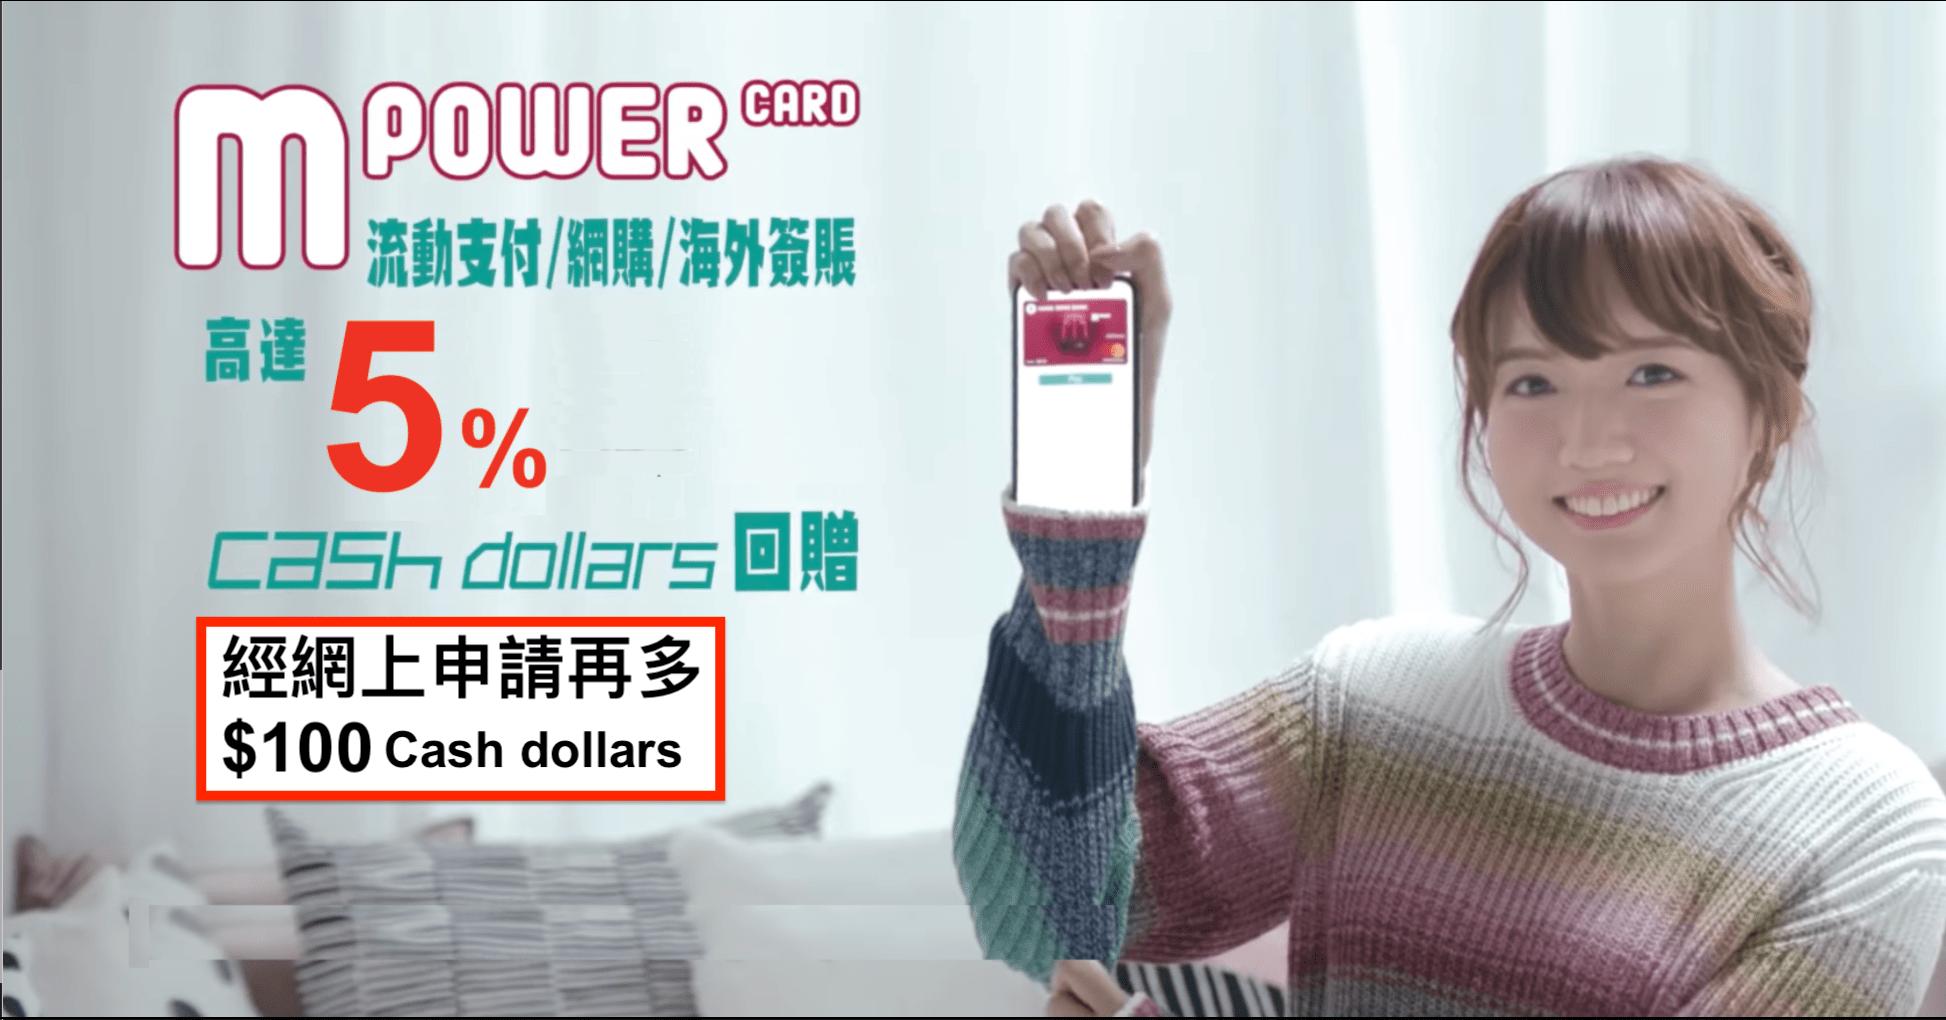 恒生MPower卡 流動支付簽賬/海外簽賬/網上簽賬5% Cash Dollars 回贈